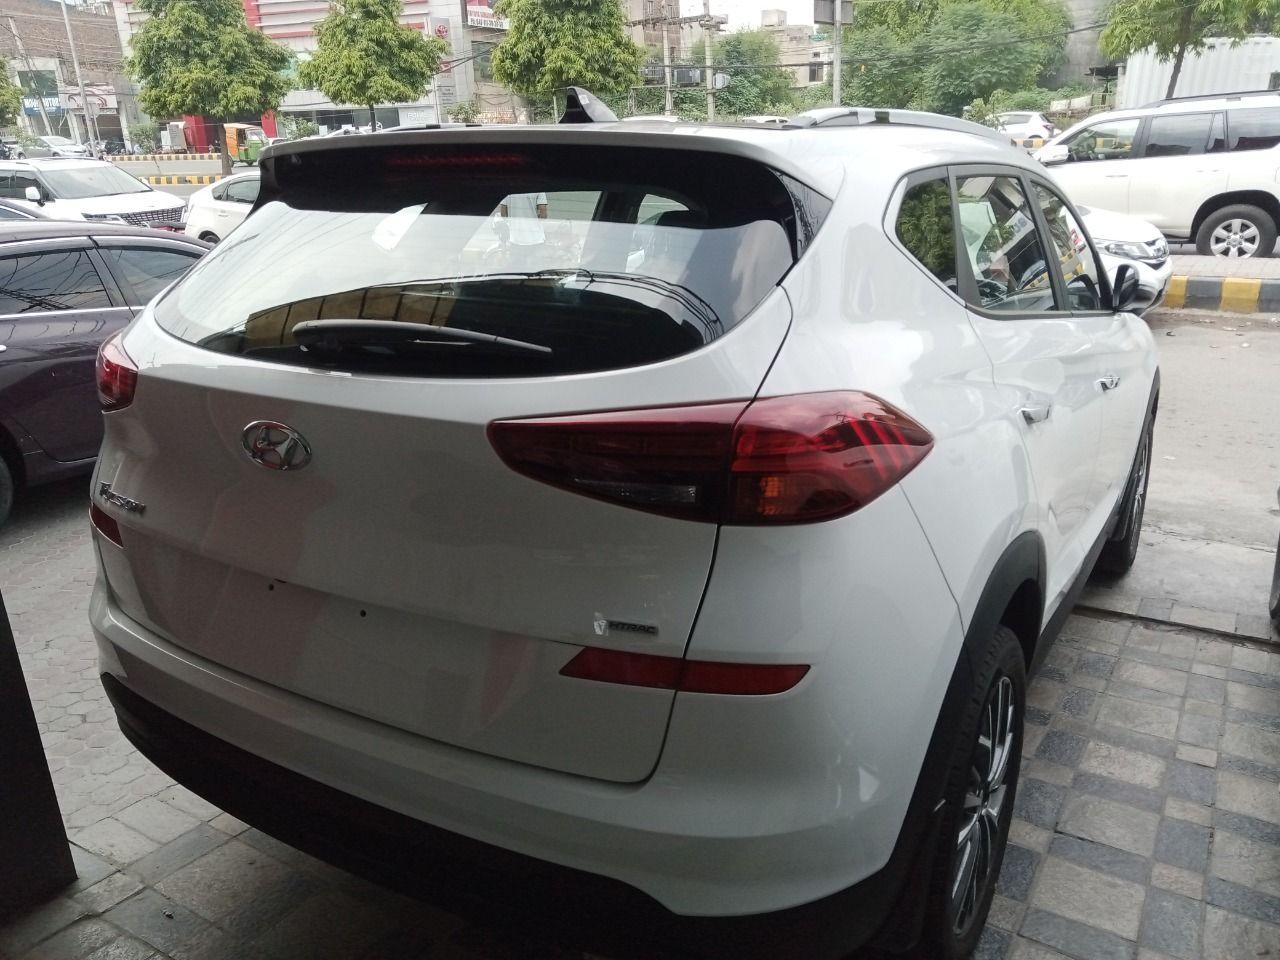 Hyundai Tucson - Exterior